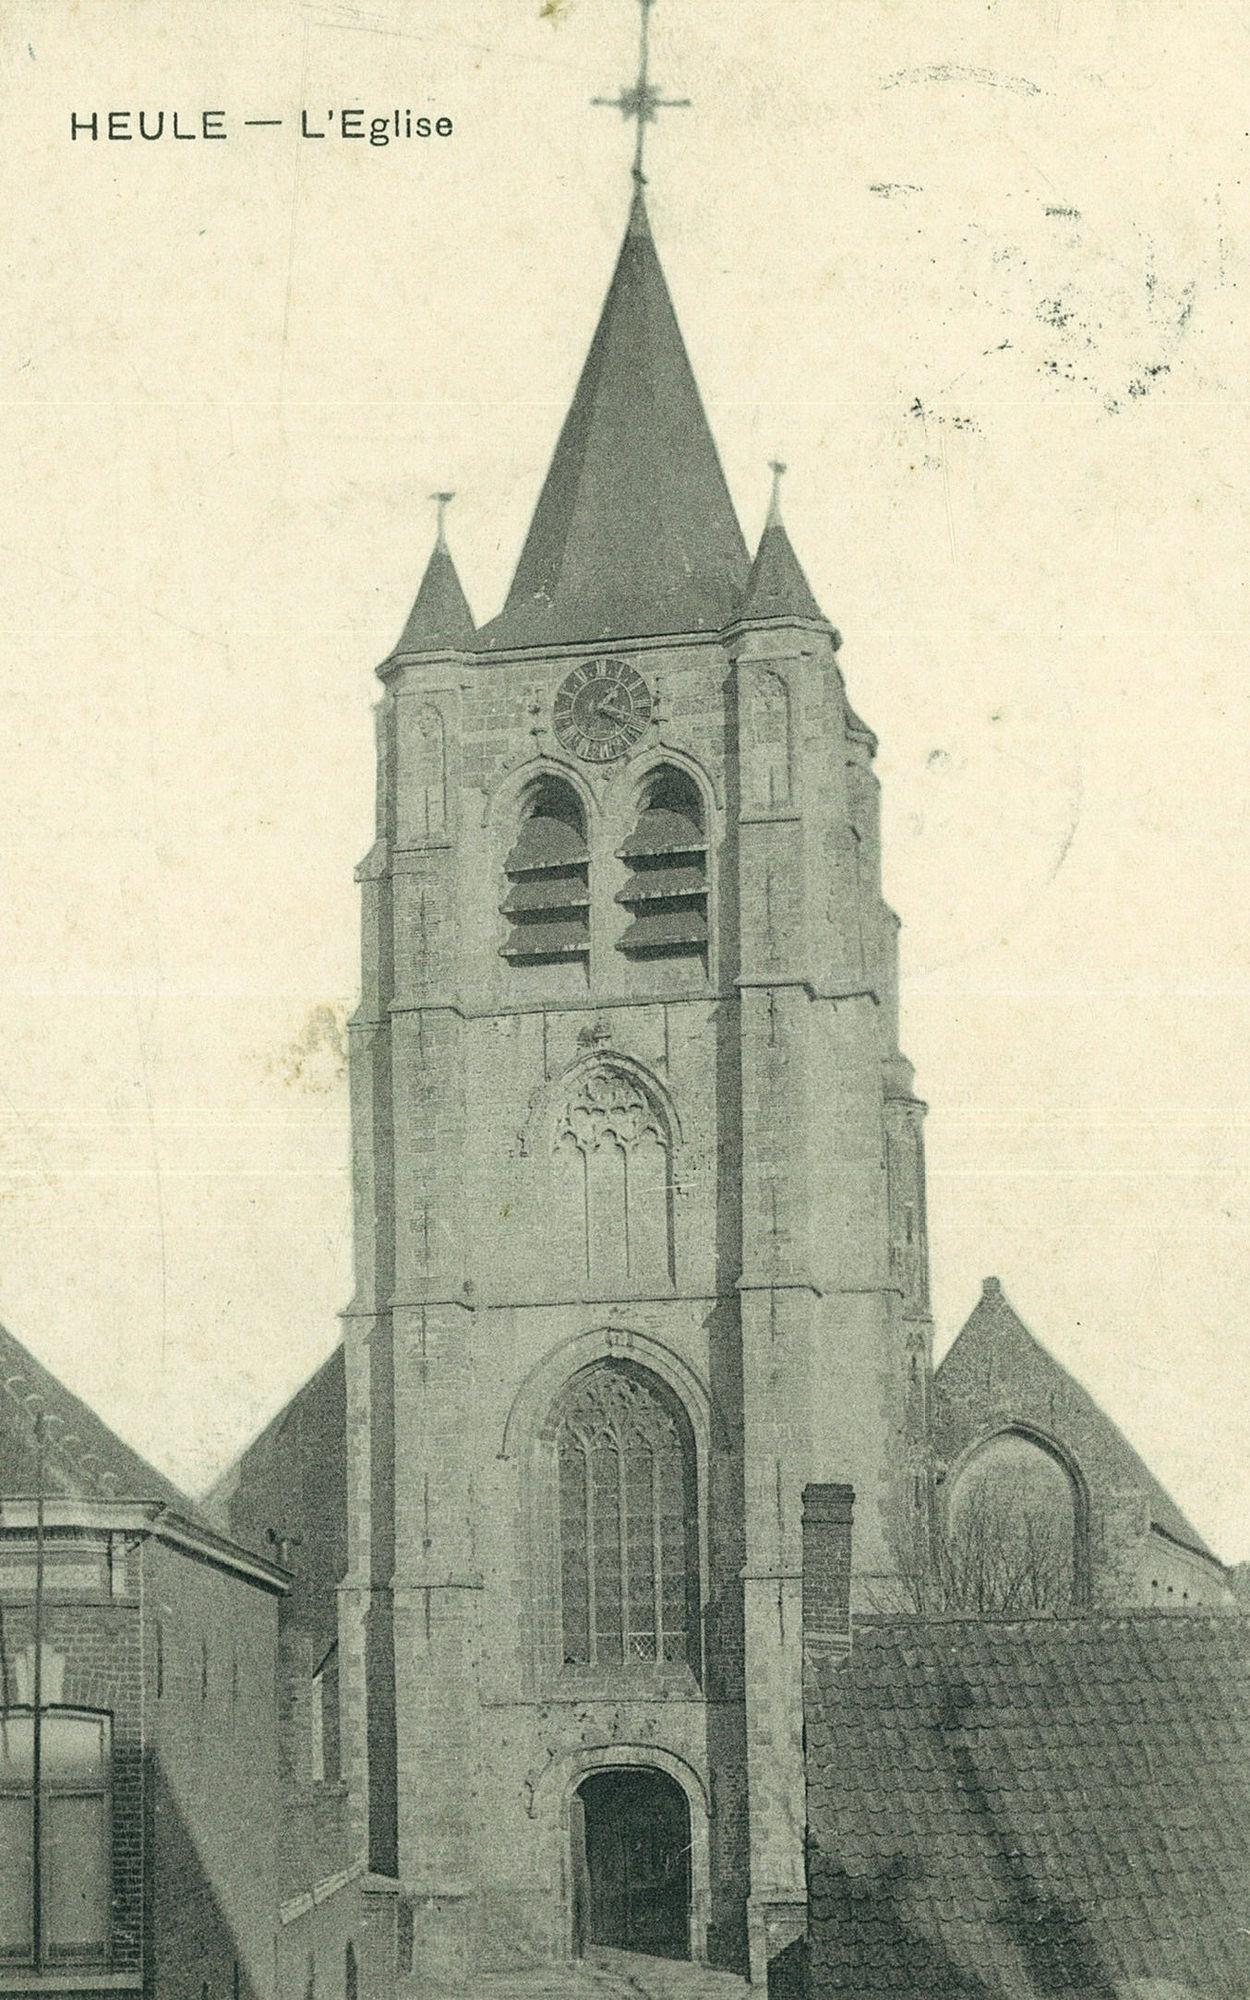 De kerk van Heule